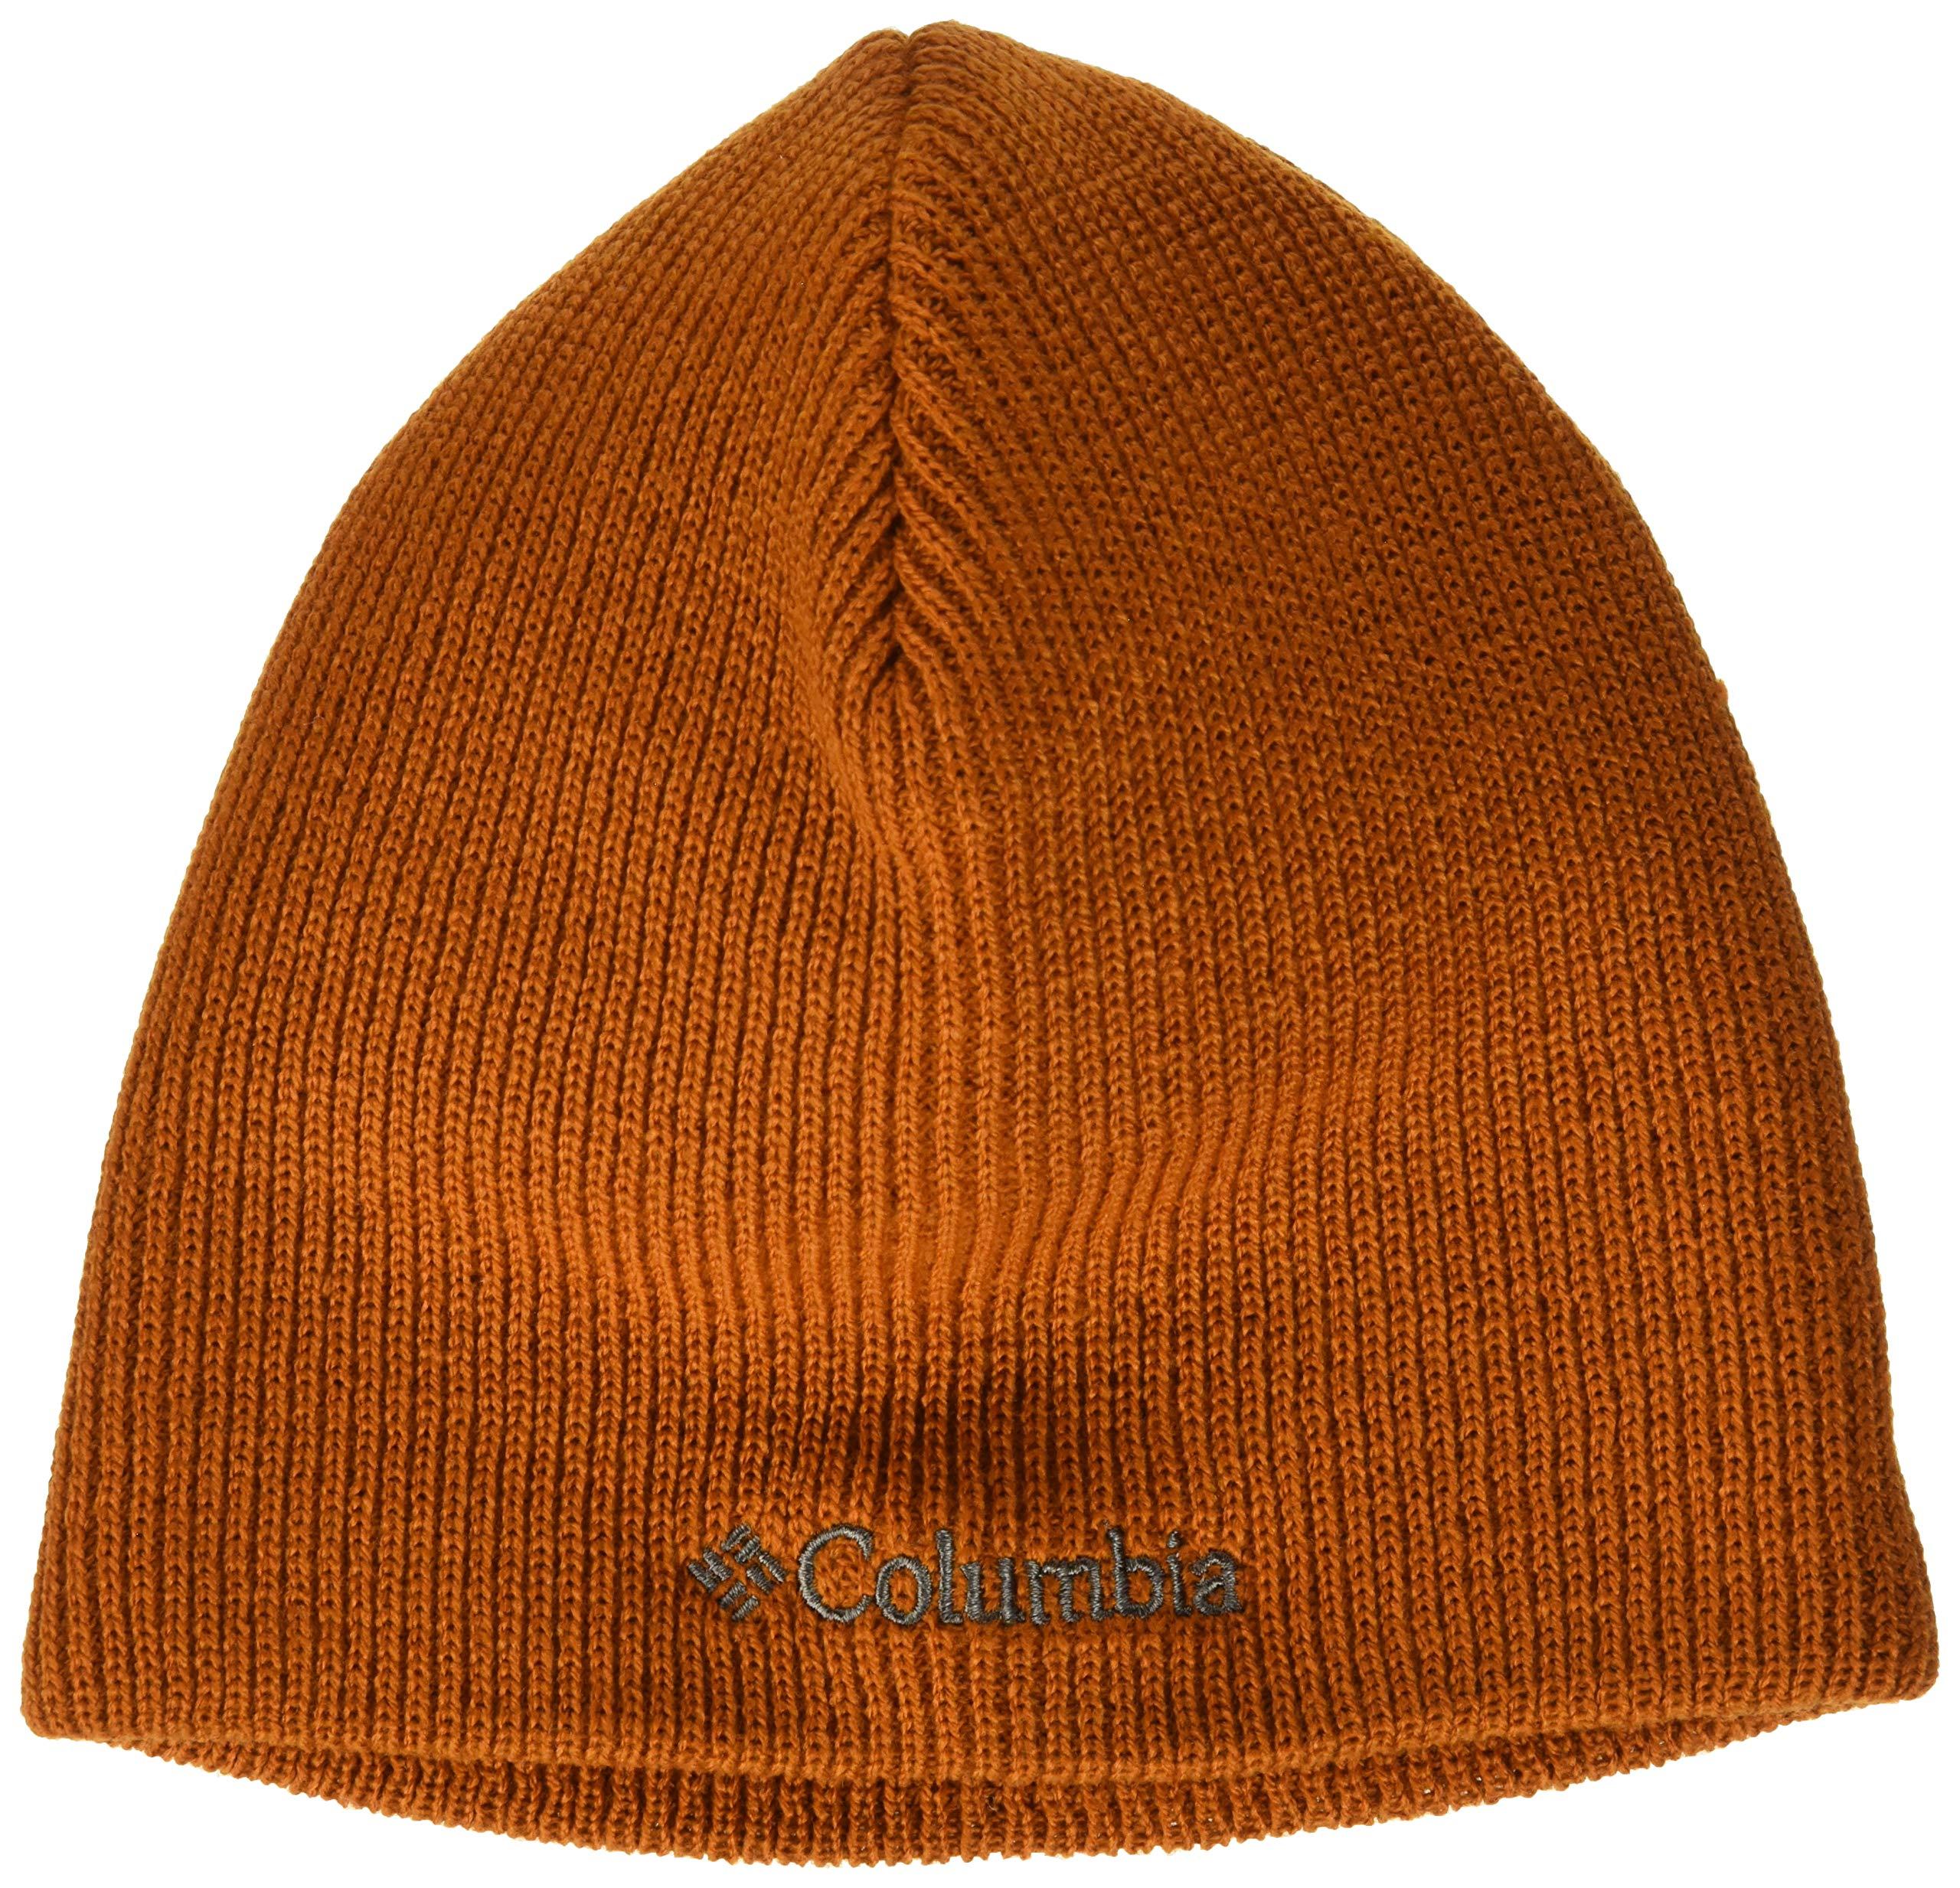 Top Casquettes, chapeaux et bonnets de sport homme selon les notes ... 865a76669e1